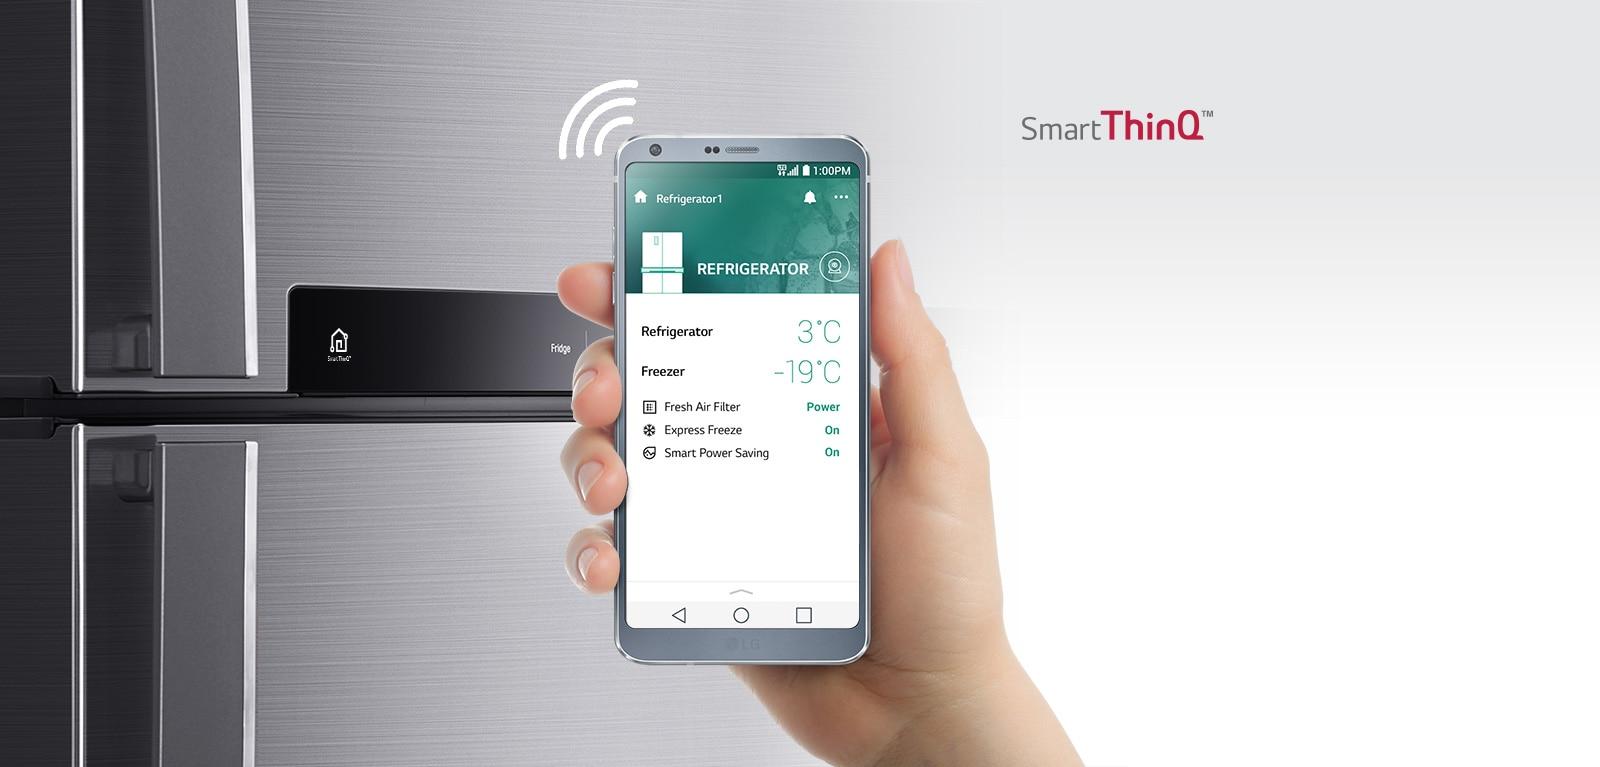 ควบคุมตู้เย็นด้วยแอพพลิเคชั่น Smart ThinQ